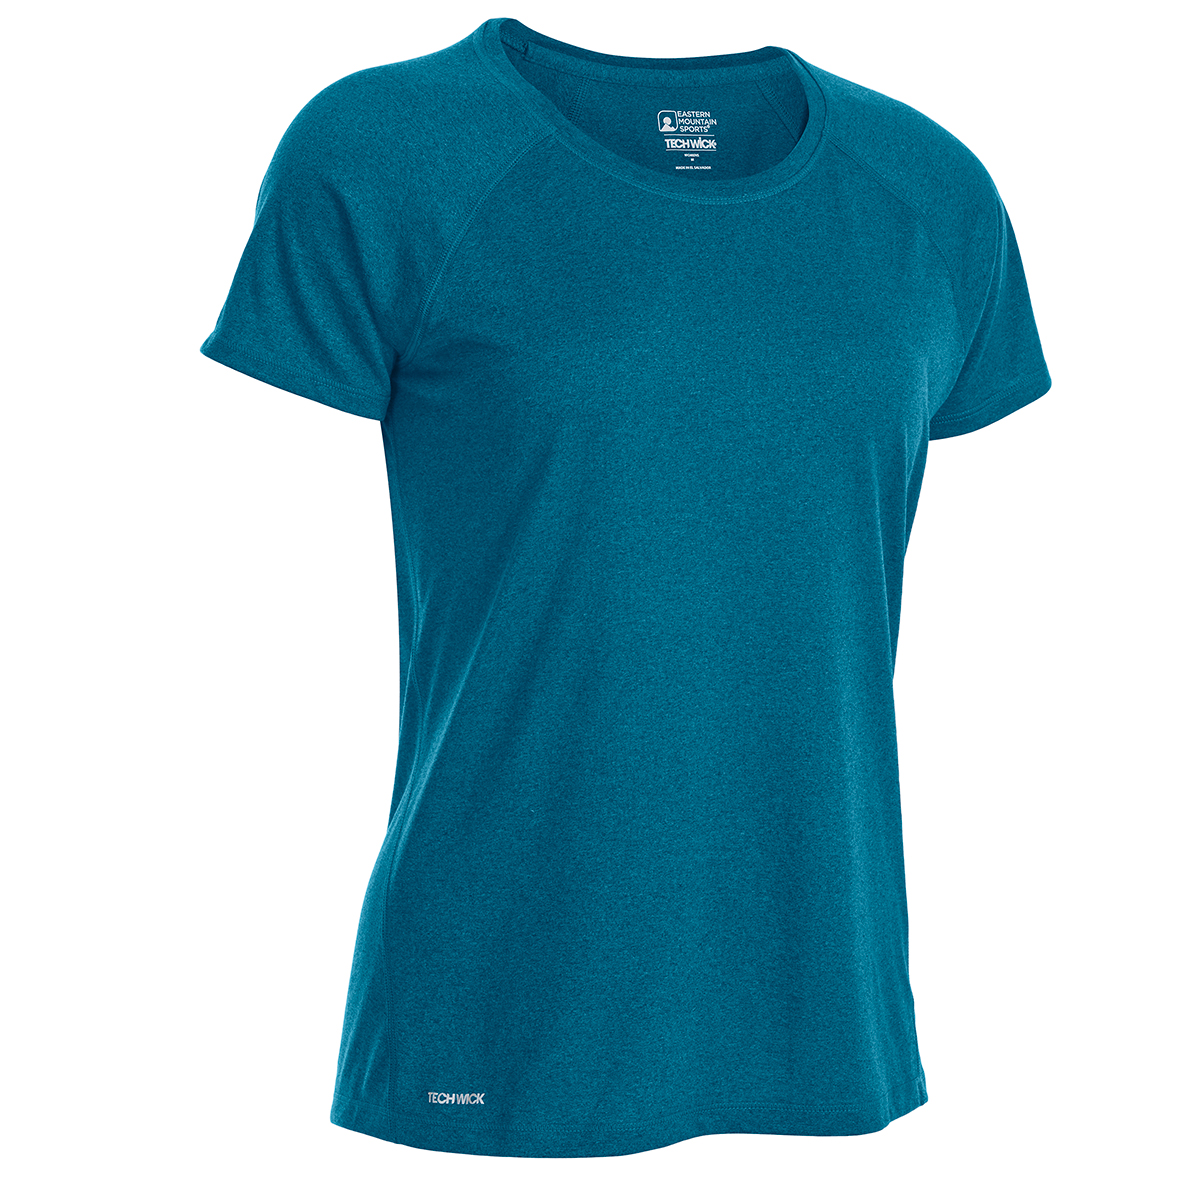 Ems Women's Techwick Essence Crew Short-Sleeve Shirt - Green, XS